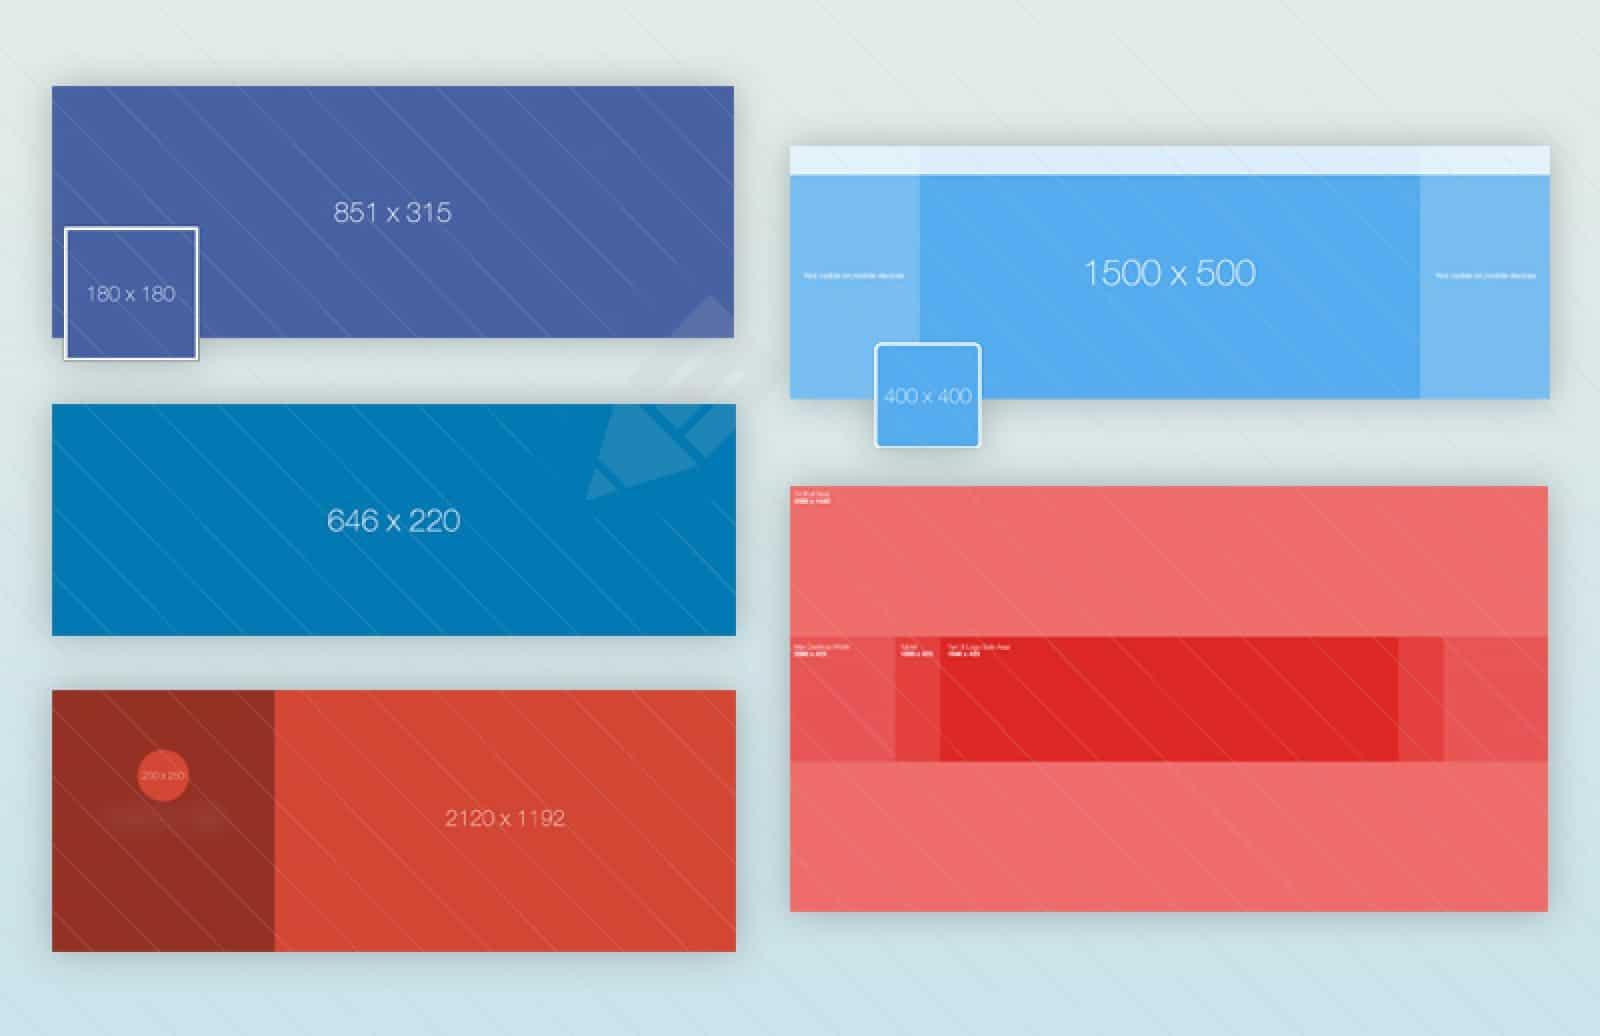 tamaños de imágenes en redes sociales